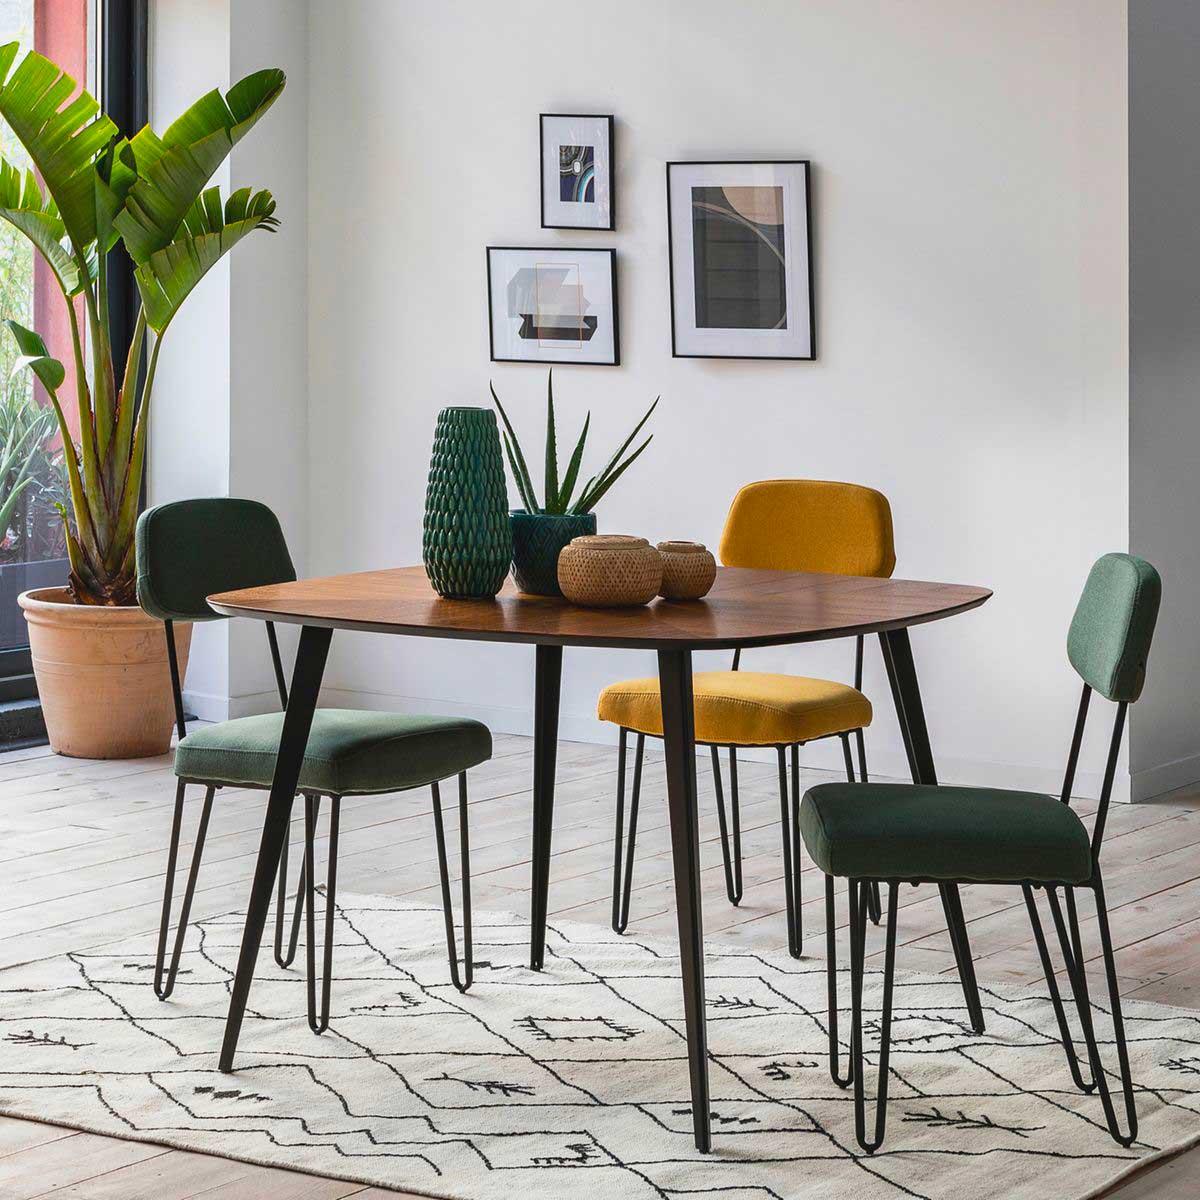 Table carrée : 15 modèles (fixes et extensibles) pour salle à manger